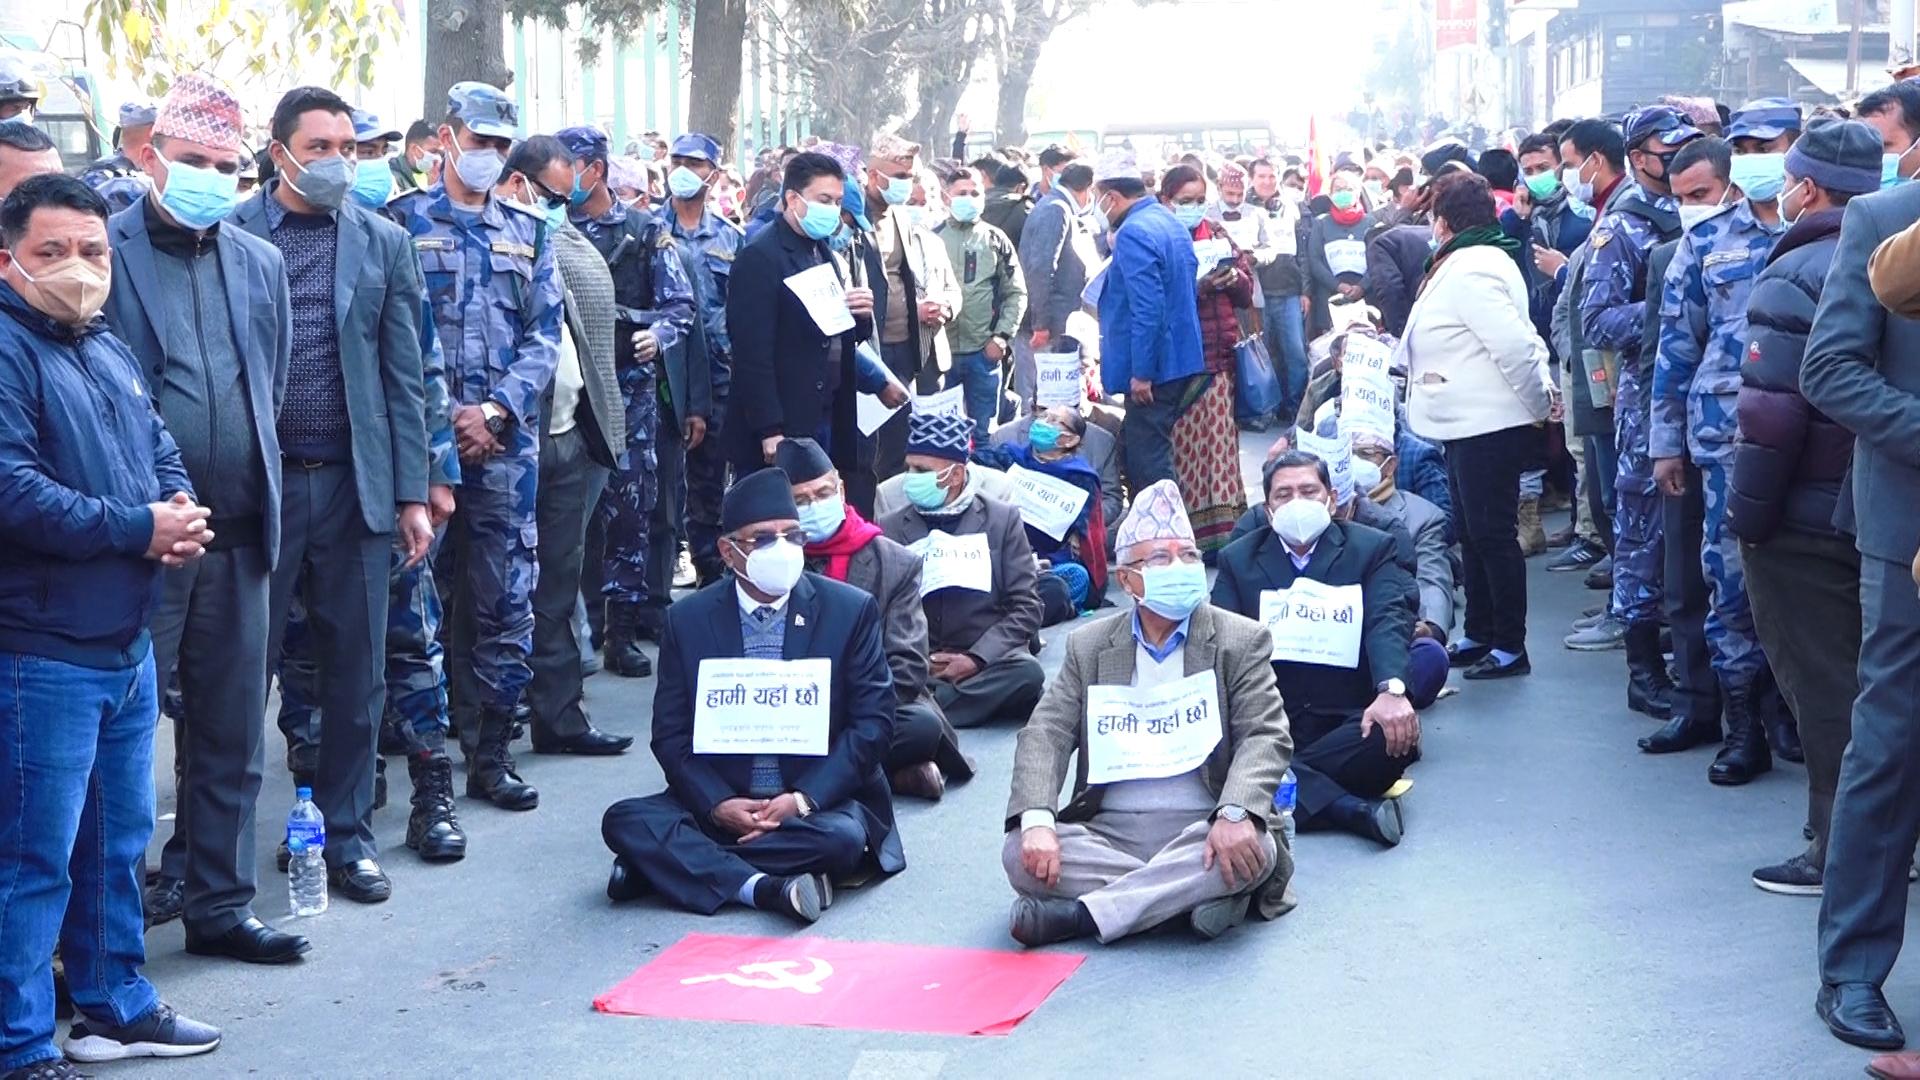 दाहाल , नेपाल समूहको विरोध प्रदर्शन ः कुन र्यालीको नेतृत्व कसले गर्दैछन् ?